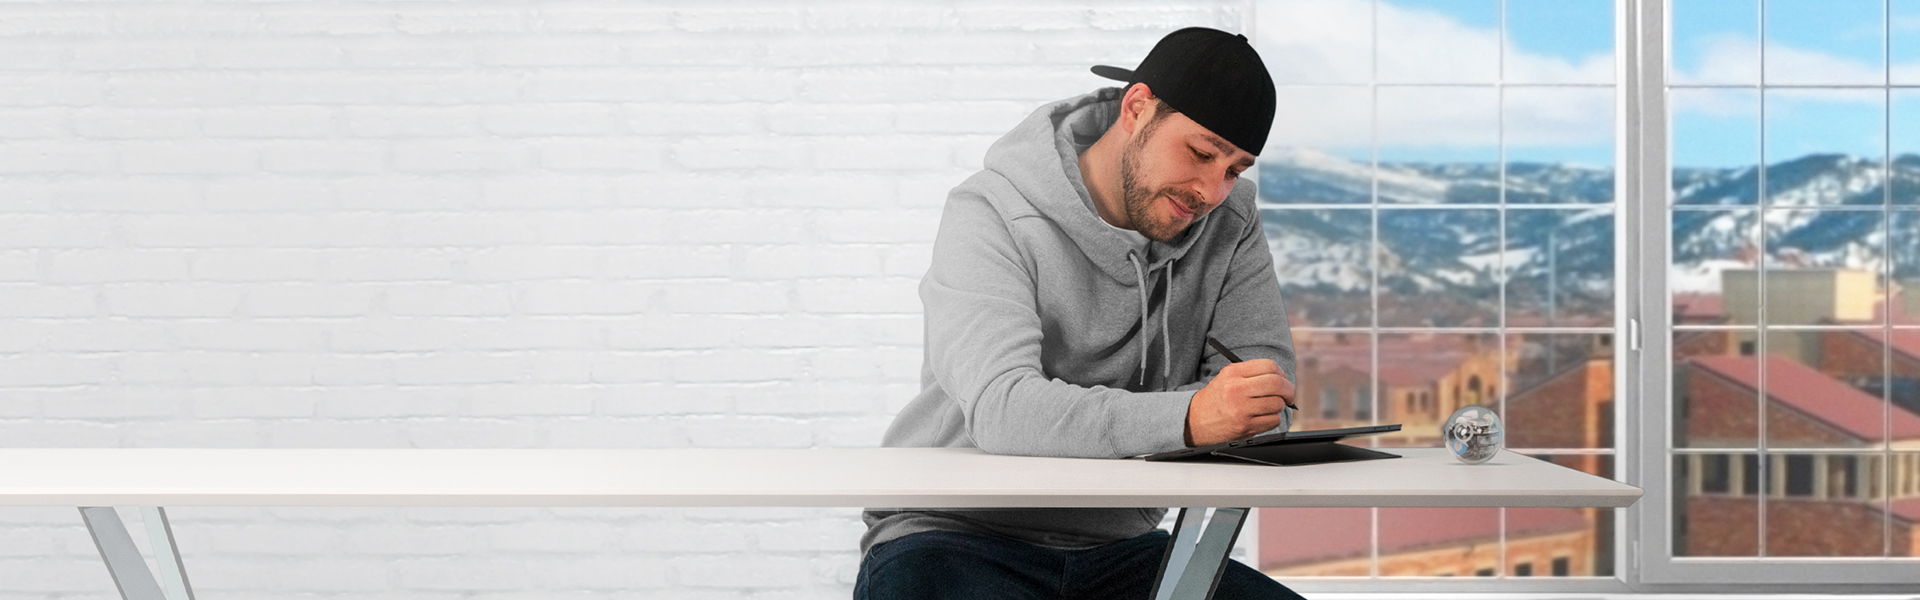 Smilende mand, der arbejder ved et skrivebord med Surface.